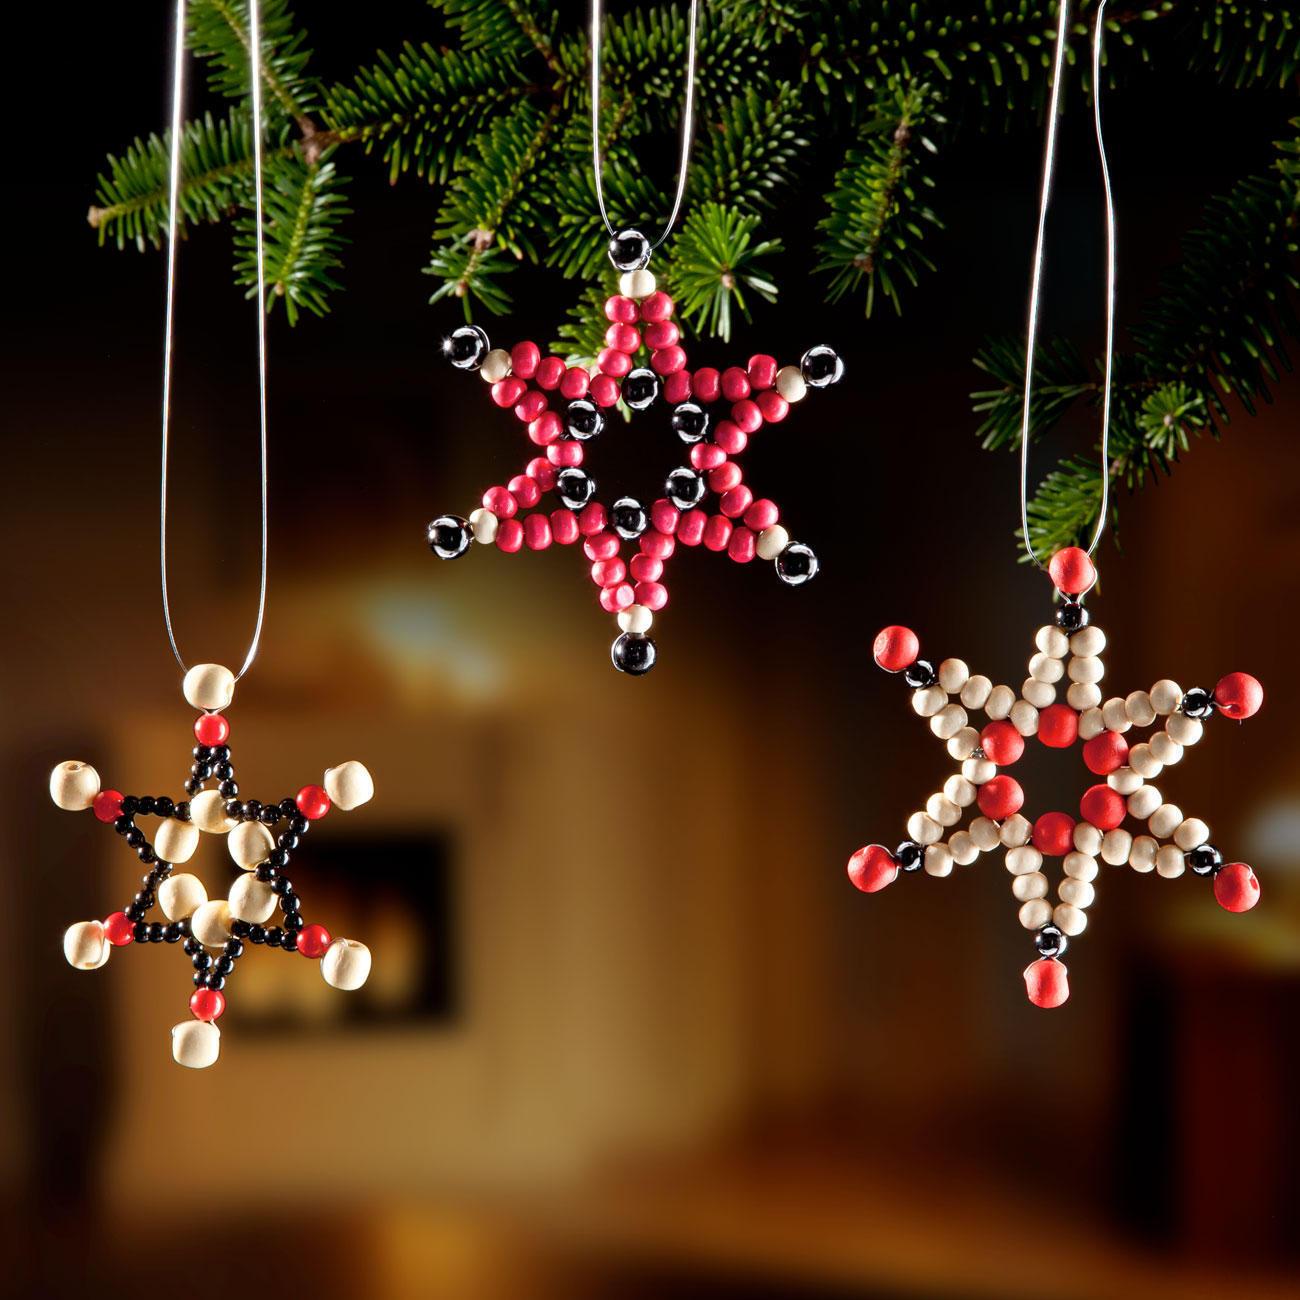 301 moved permanently - Fensterschmuck weihnachten basteln ...